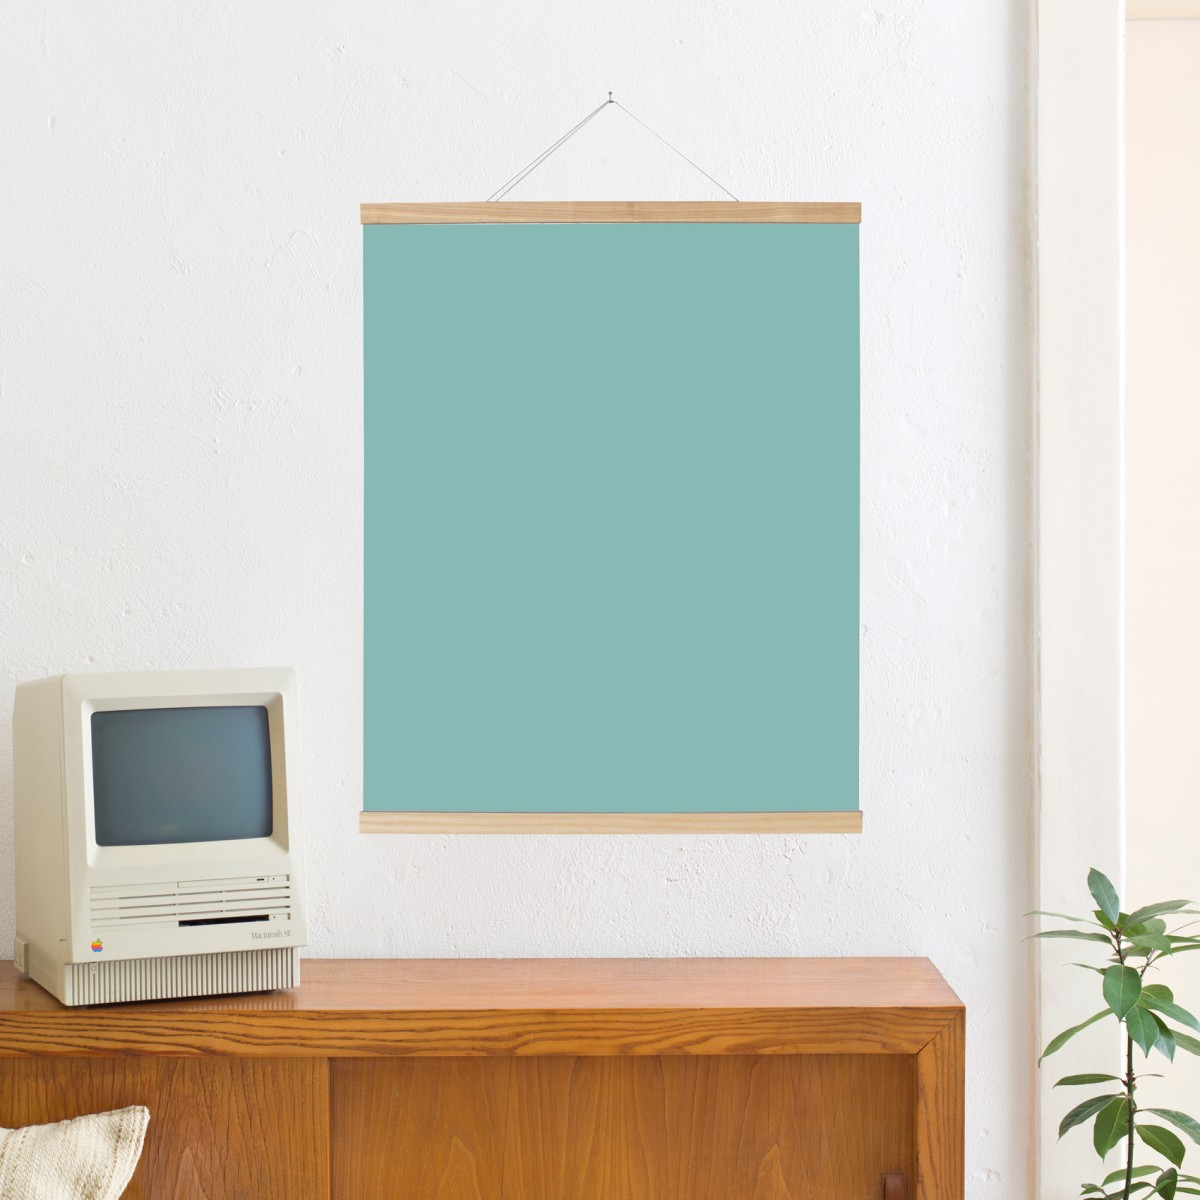 Kleinwaren / von Laufenberg – Magnetische Posterleiste Esche 70 cm